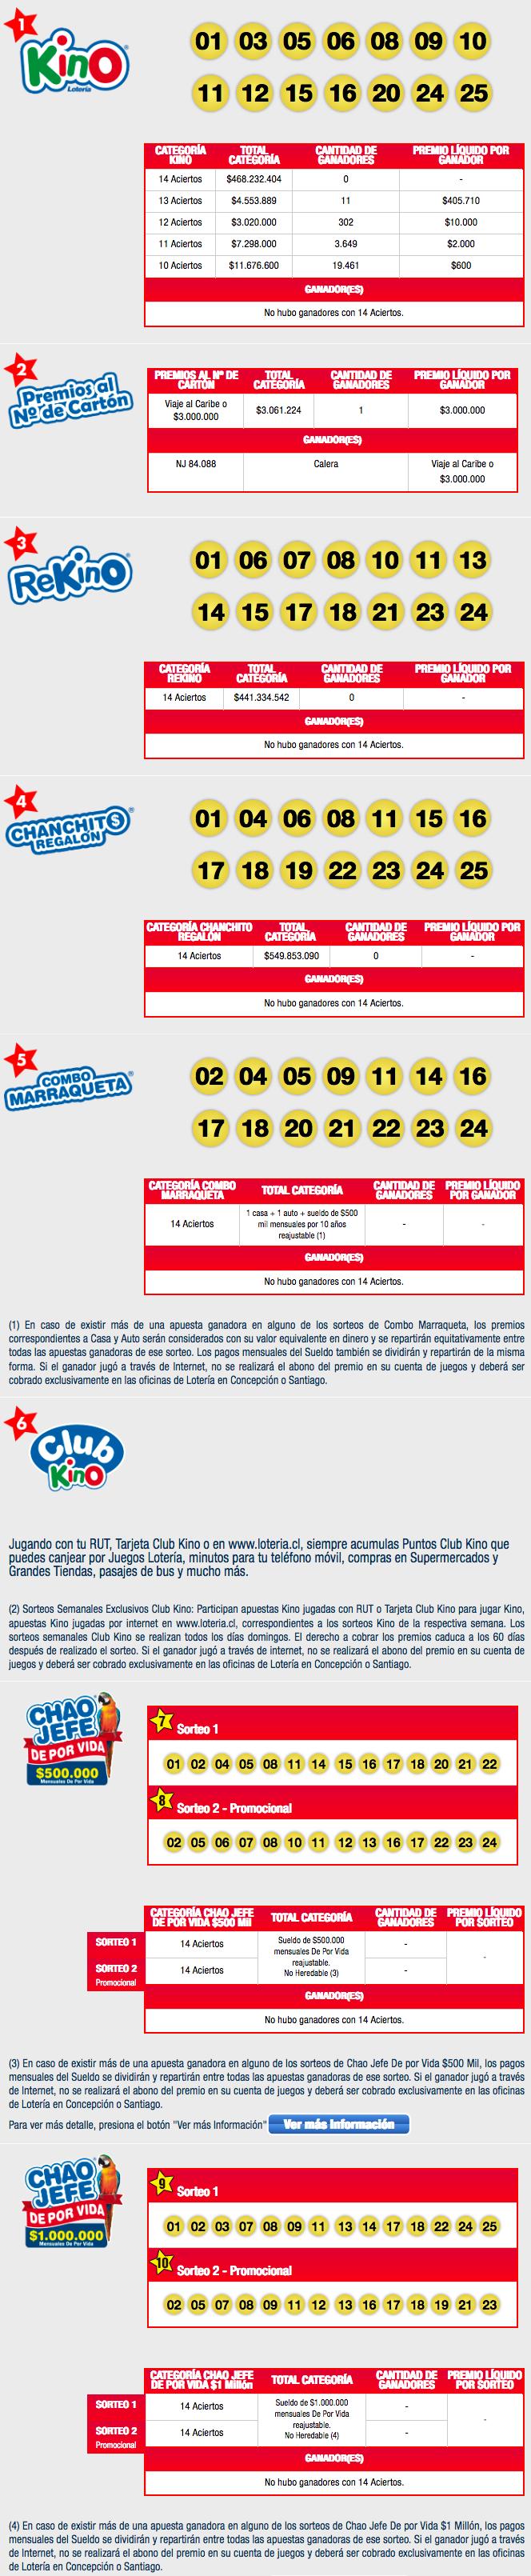 Resultados Kino Chile Sorteo 2112